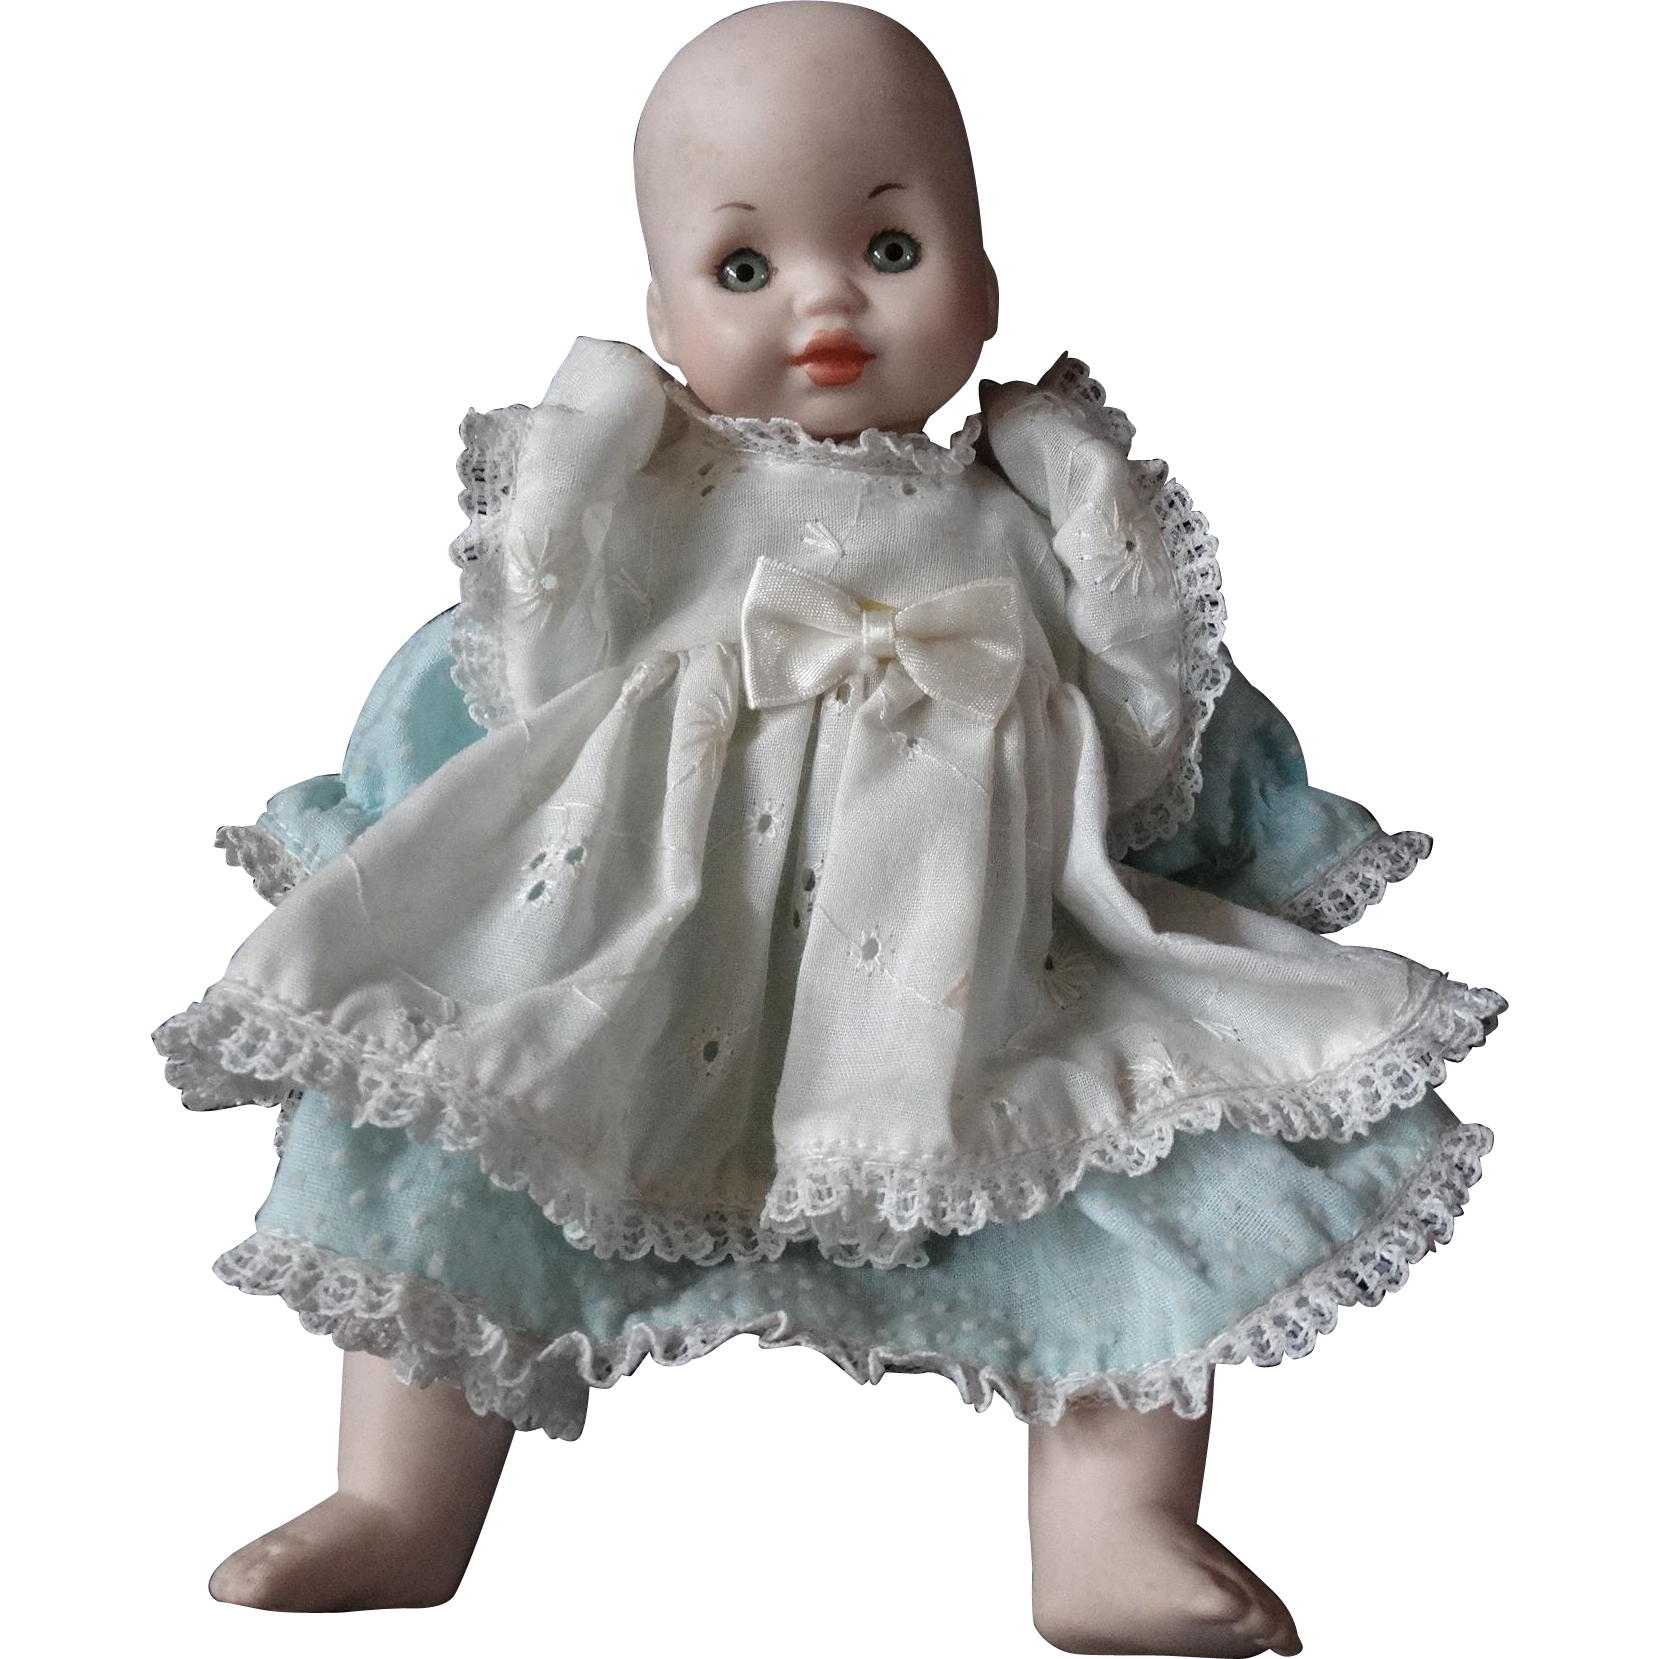 Artist Signed Vintage Doll Marilyn Dolls Bisque Porcelain Doll